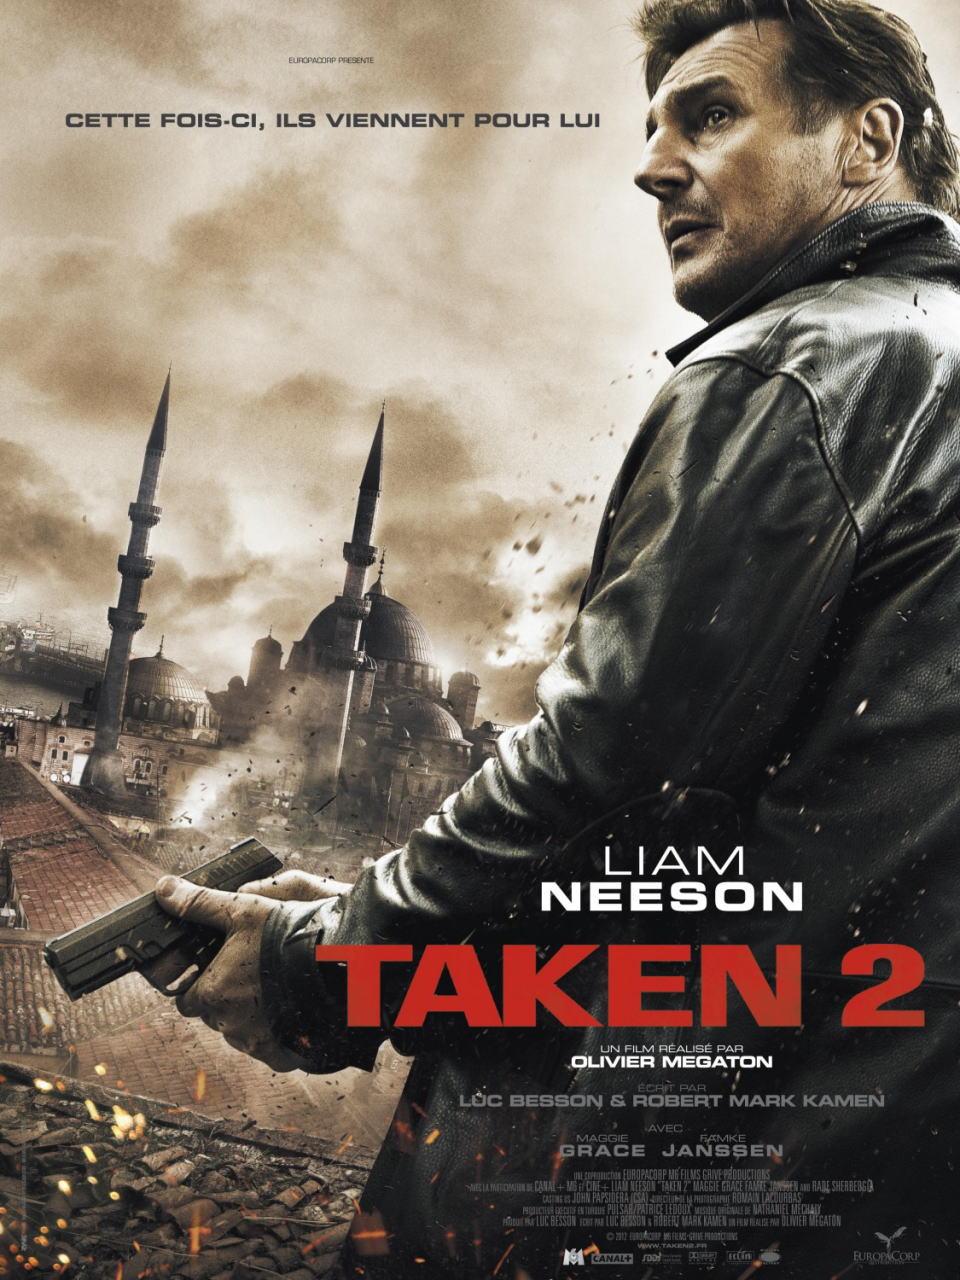 映画『96時間/リベンジ TAKEN 2』ポスター(4) ▼ポスター画像クリックで拡大します。